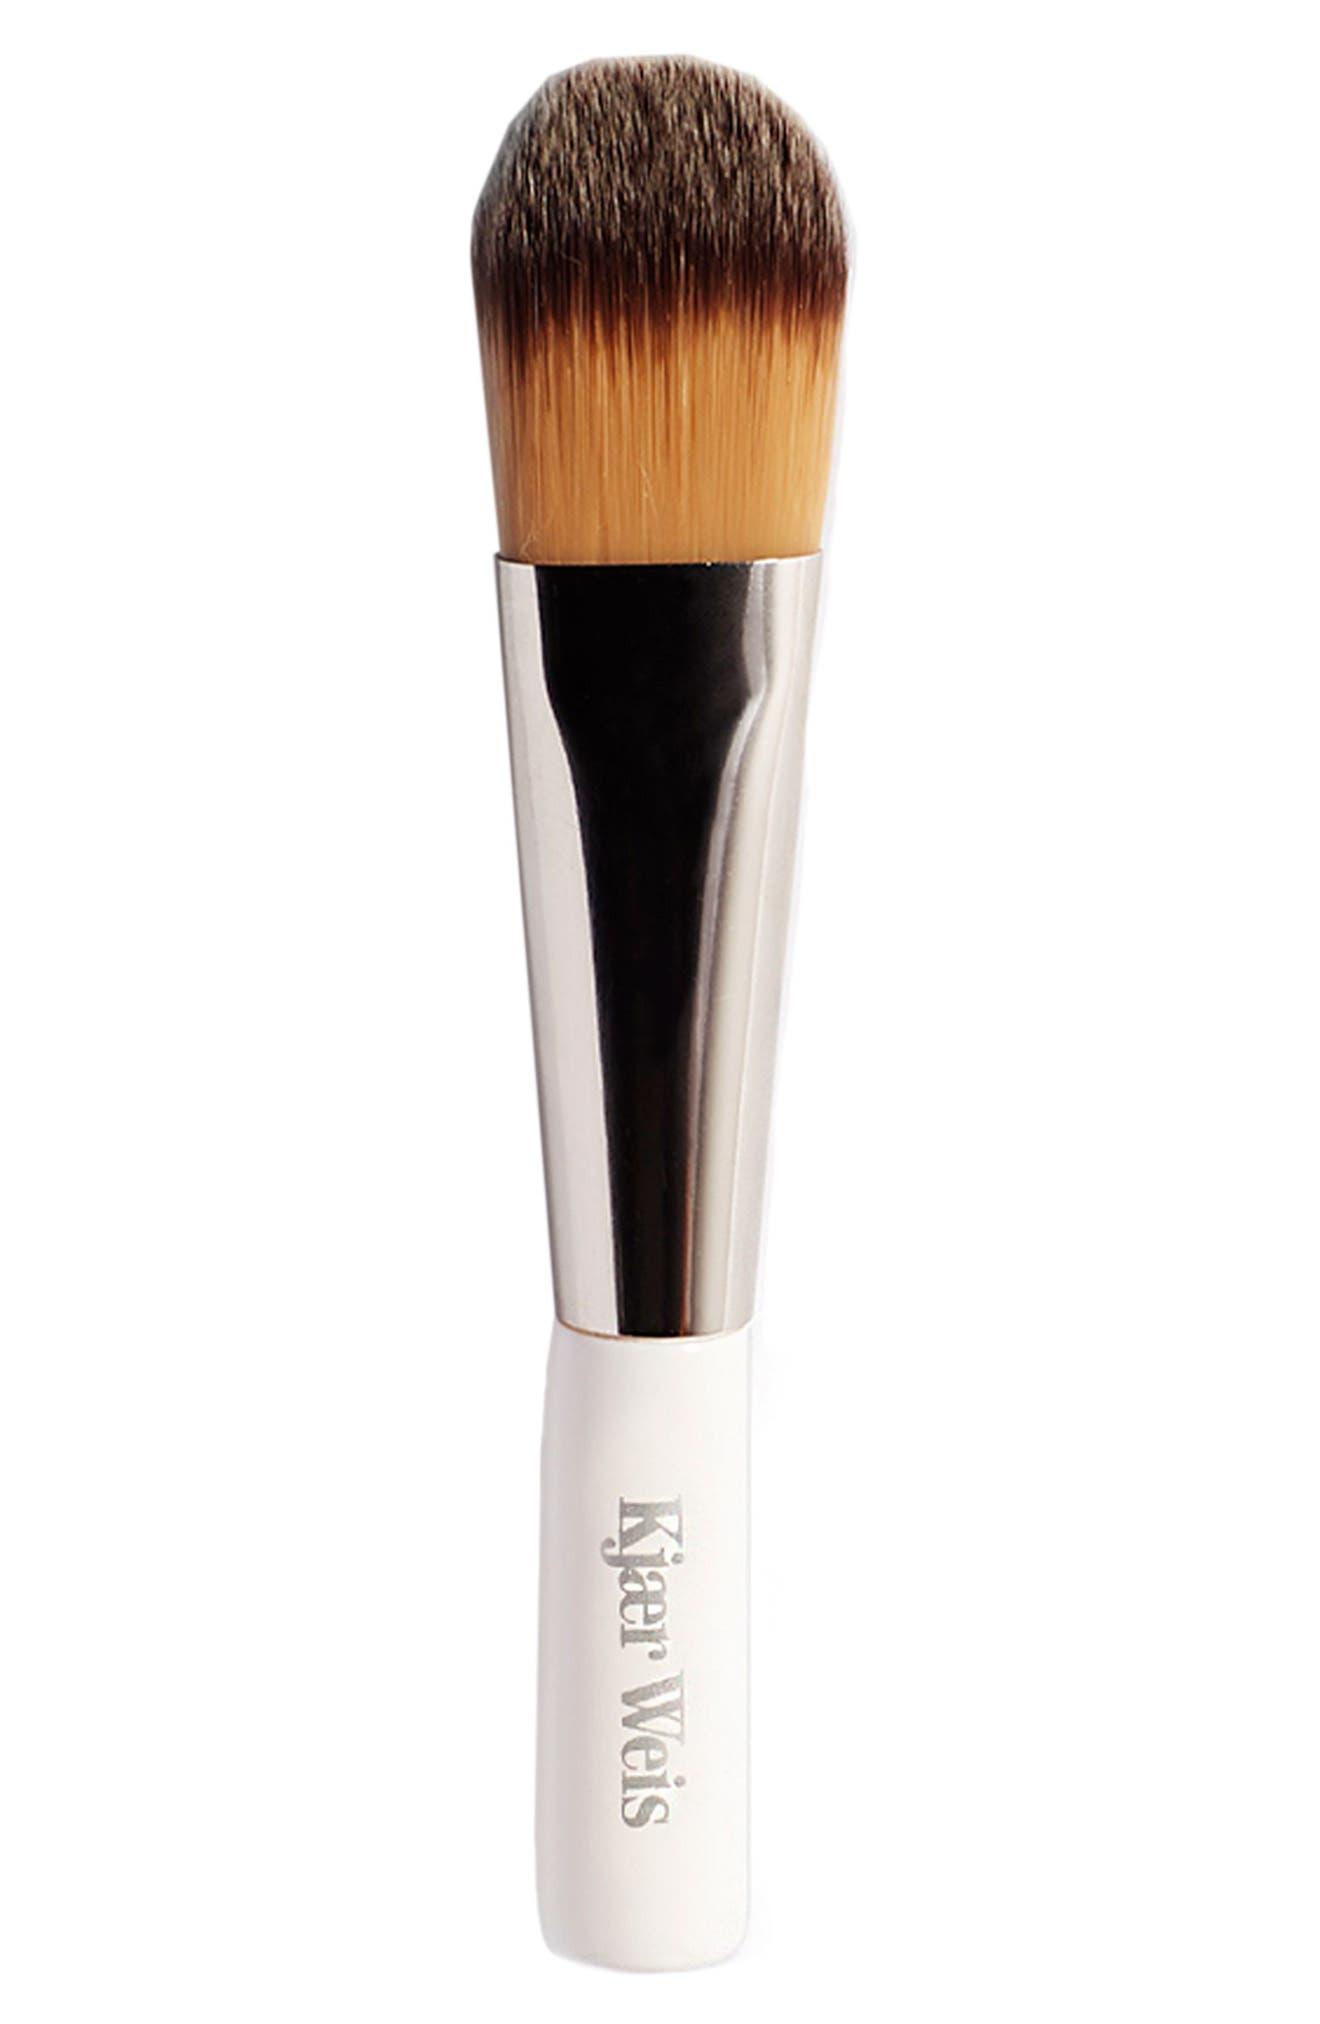 Blush-Foundation Brush